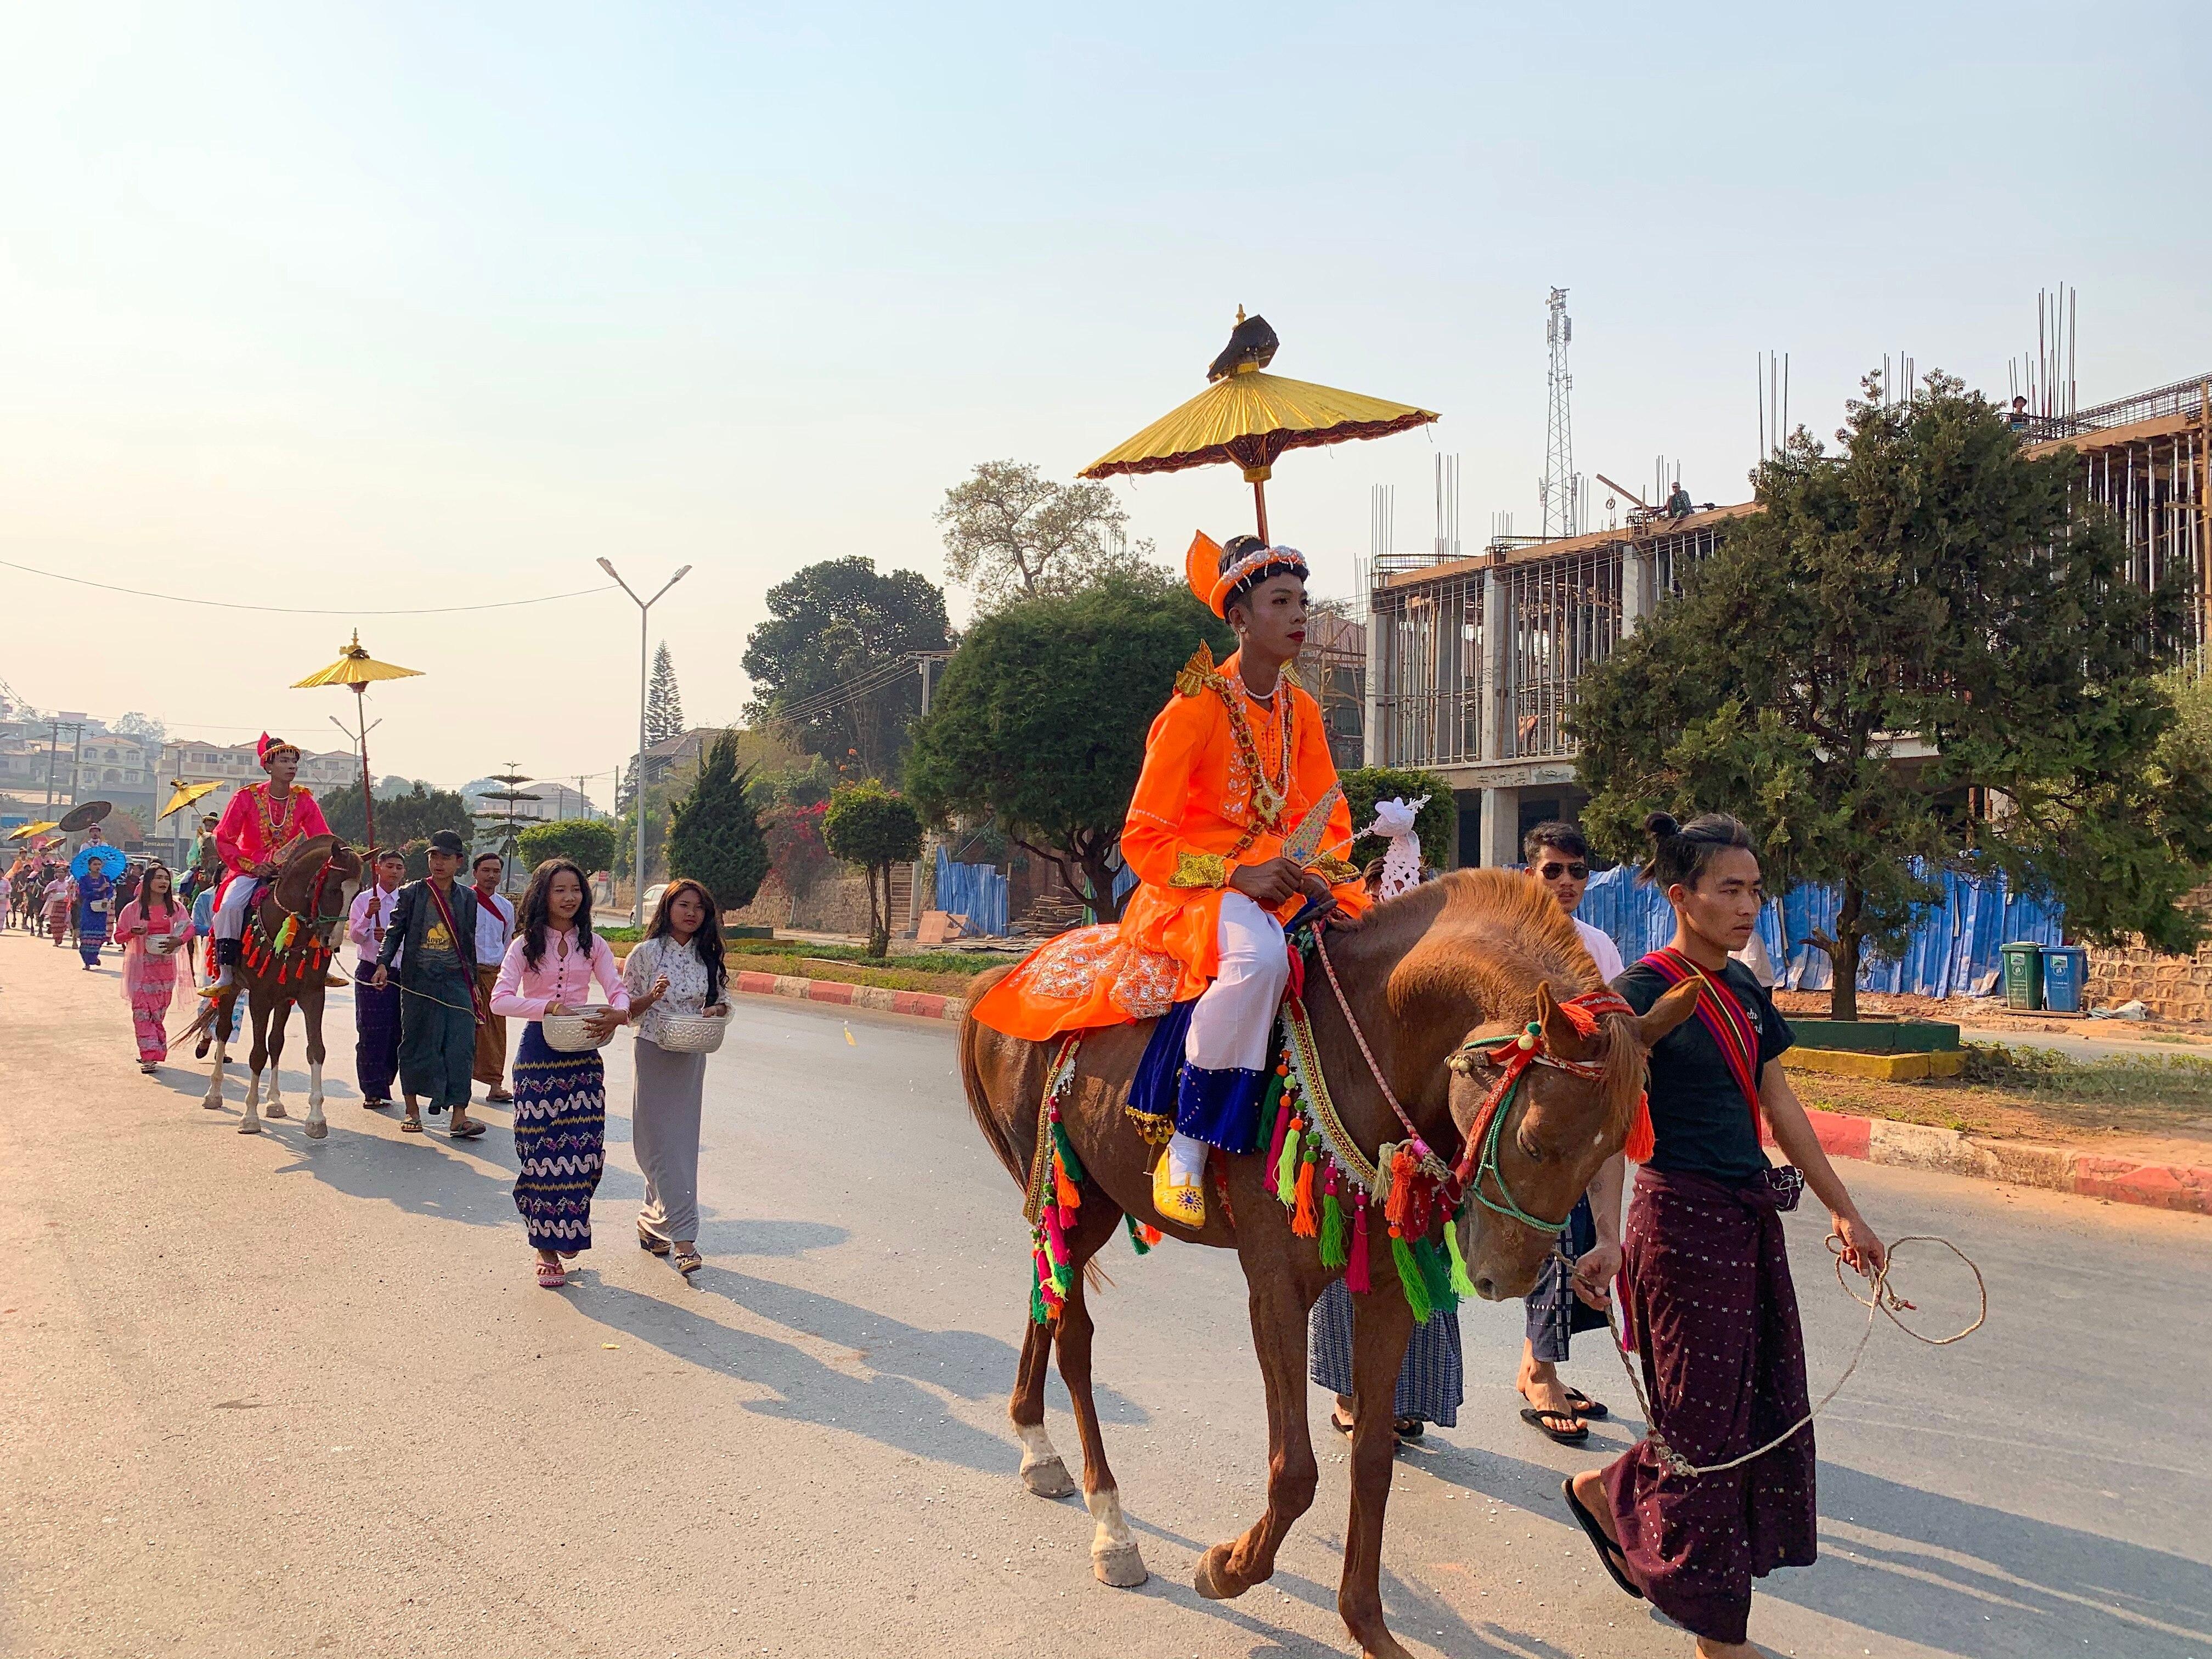 Eine traditionelle Zeremonie, bevor junge Männer im buddhistischen Kloster zum Mönch werden